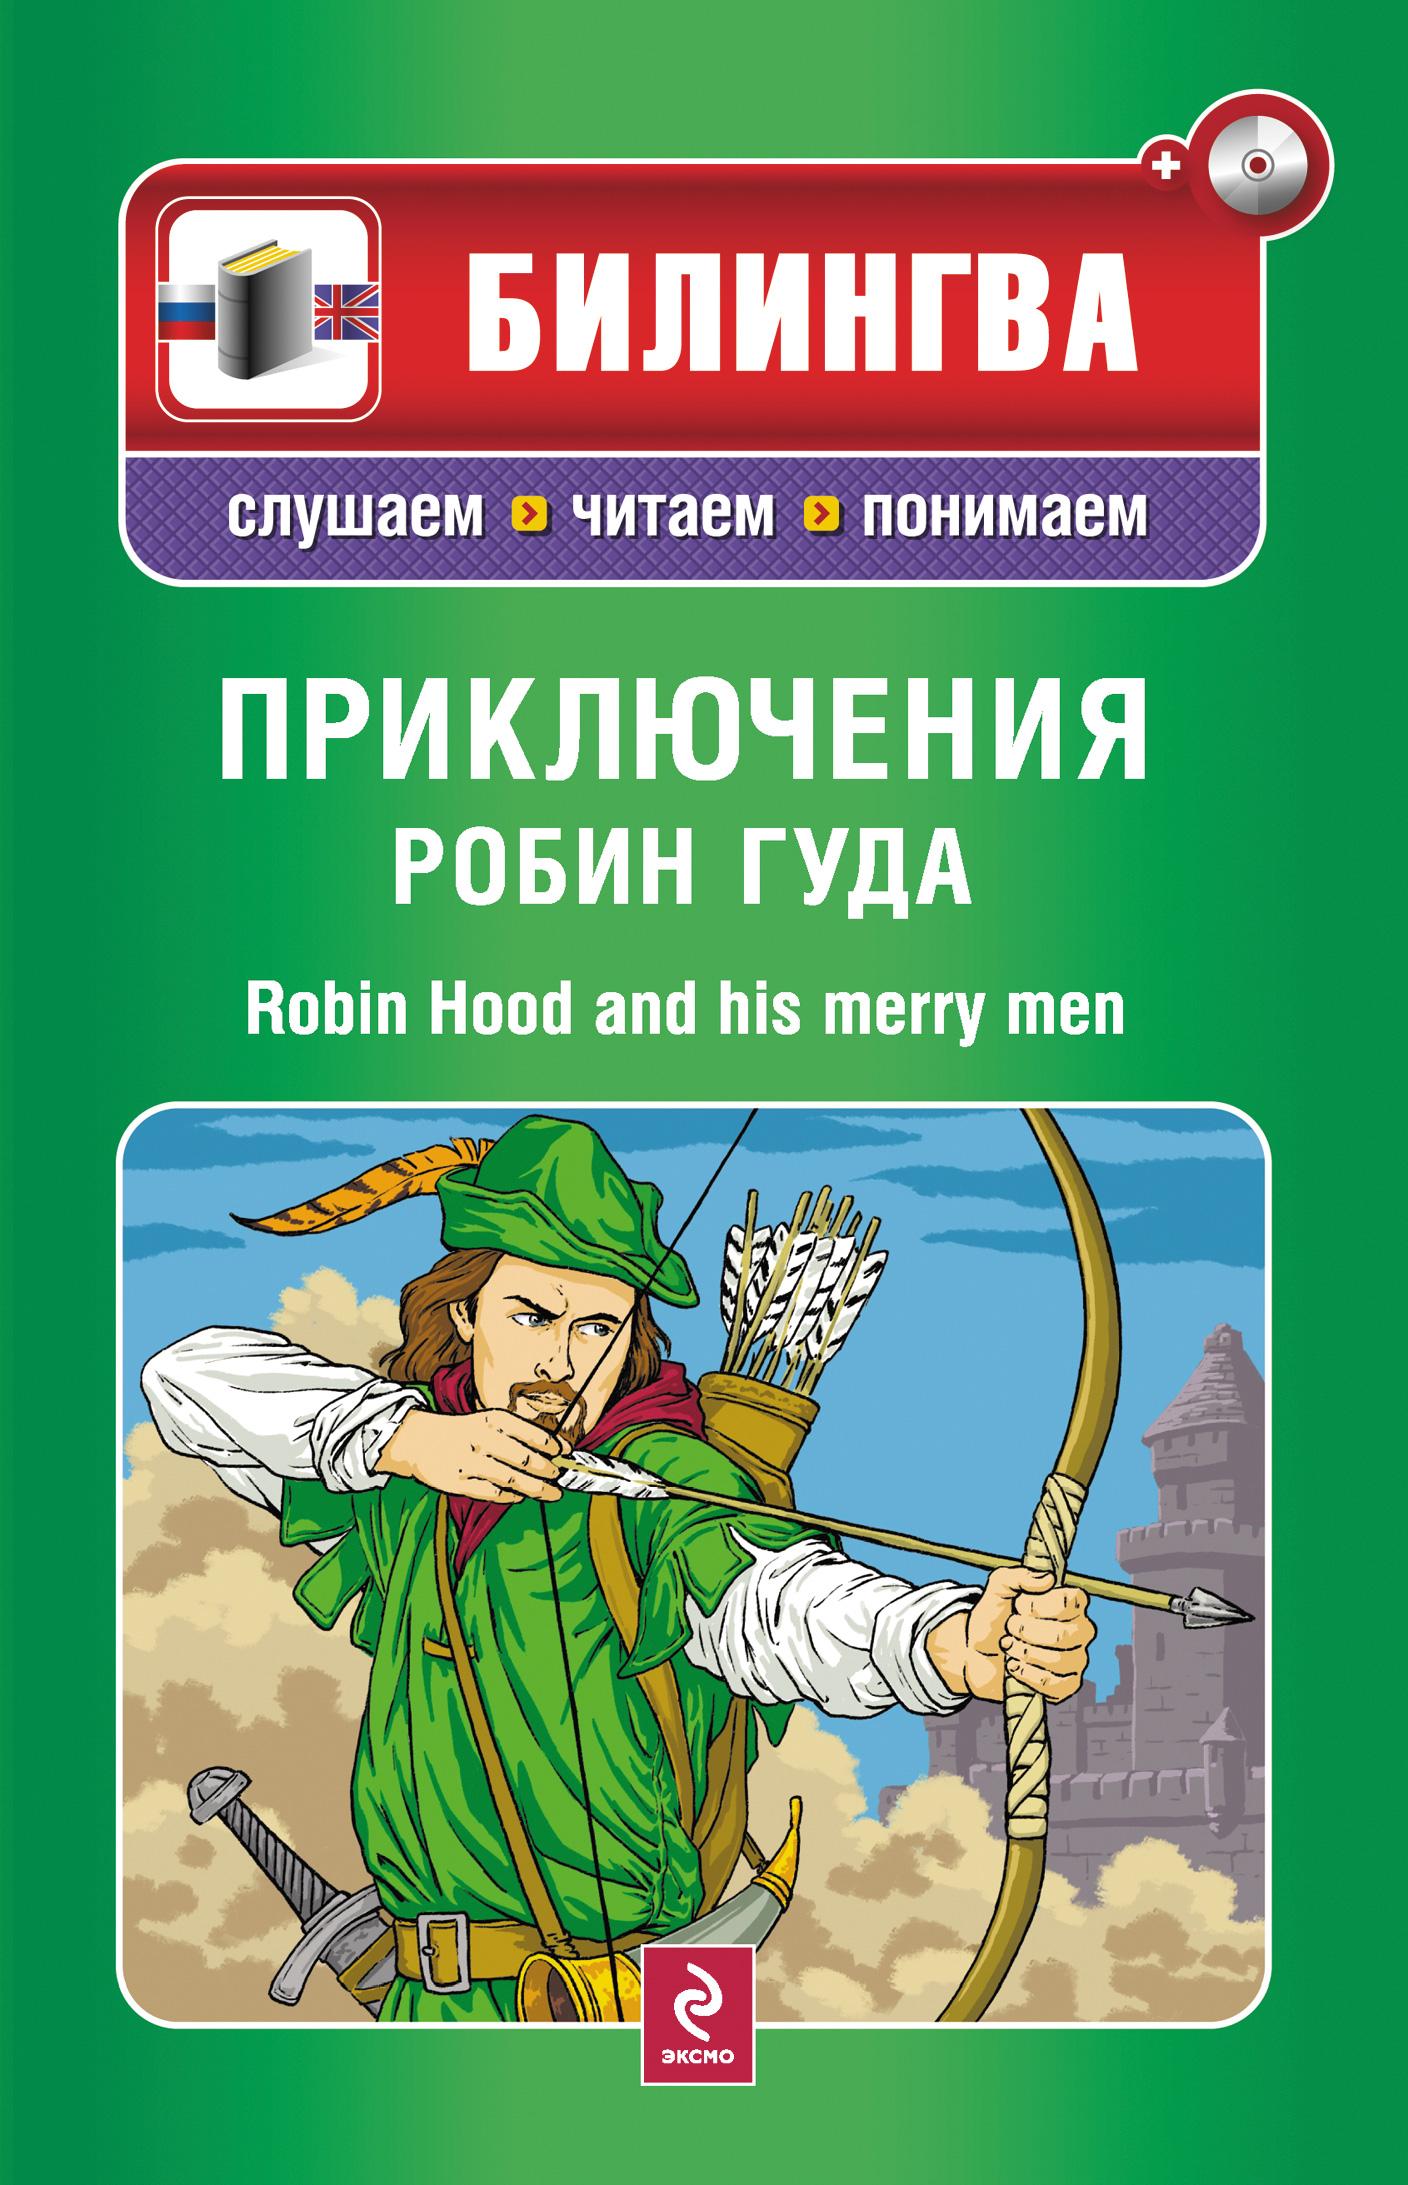 Е В Карпенко Приключения Робин Гуда  robin hood and